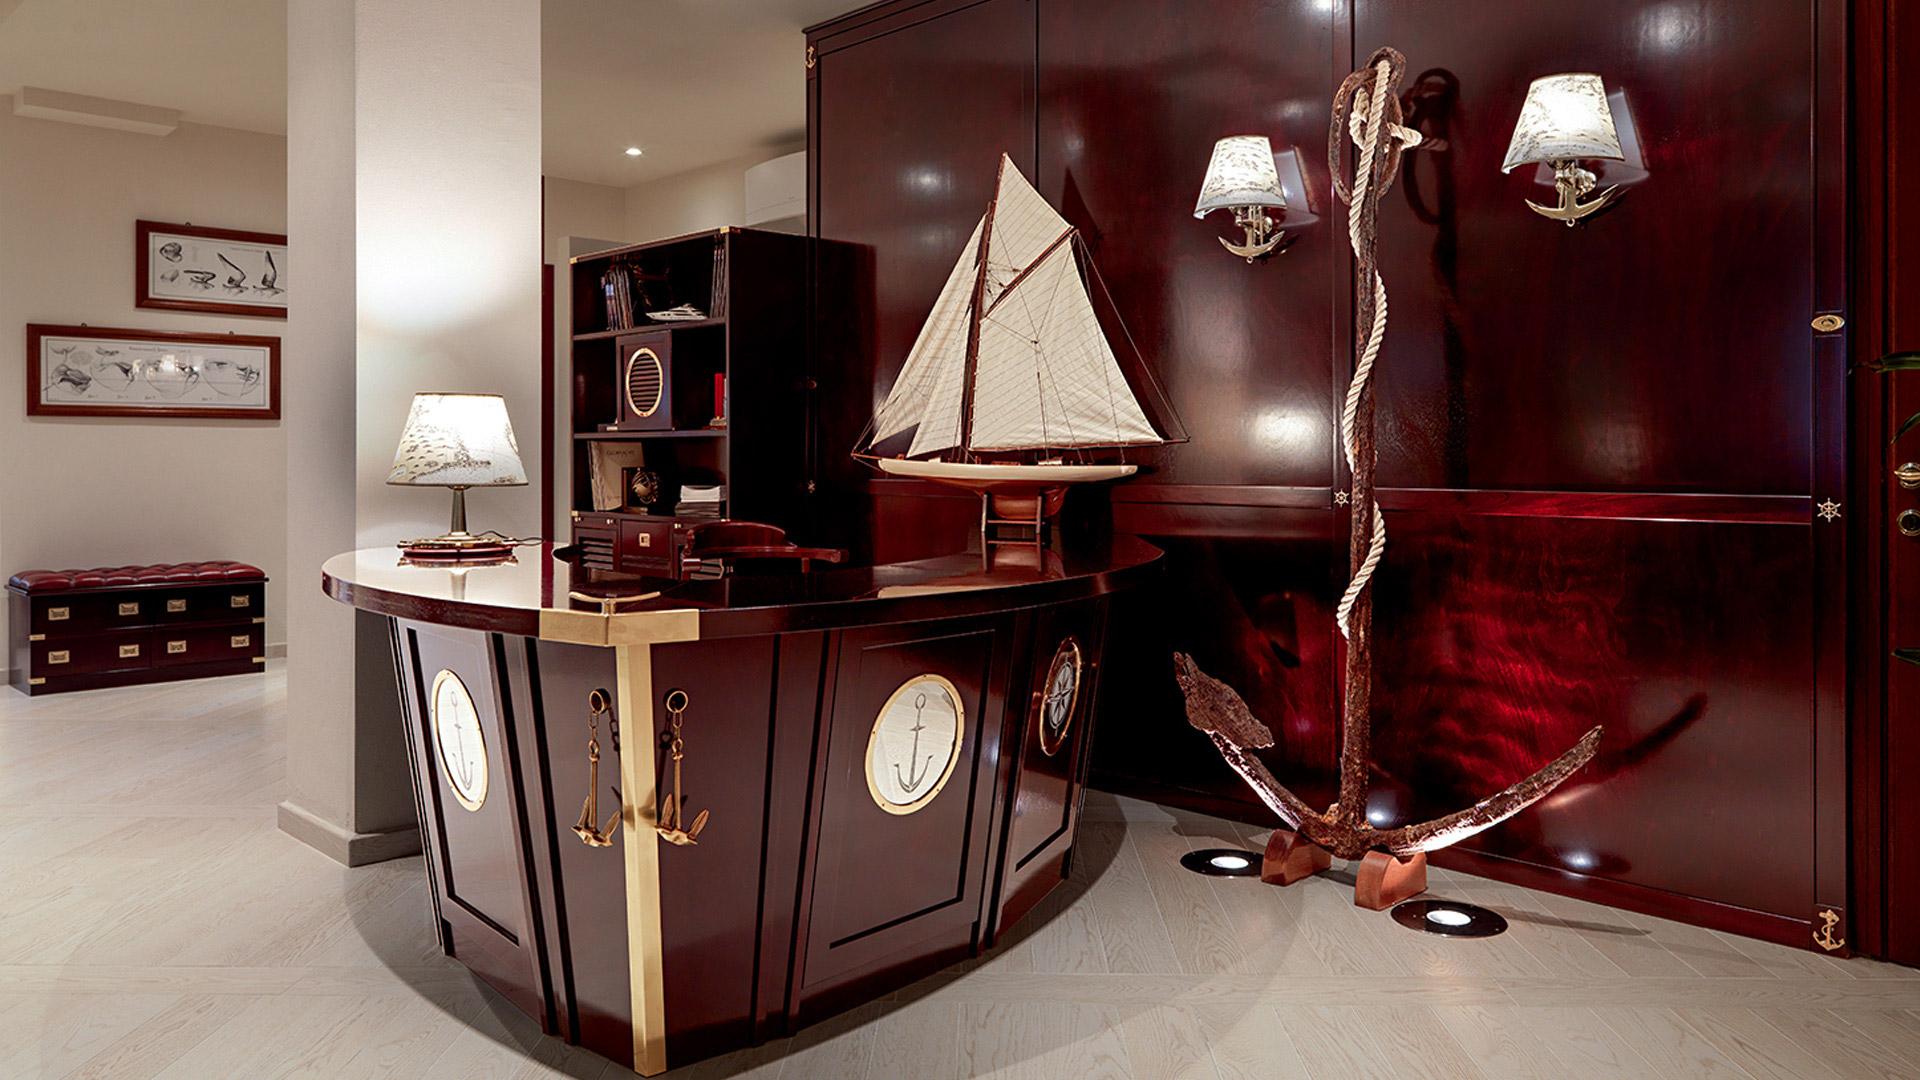 L 39 originale stile vecchia marina caroti for Arredamento vecchia marina